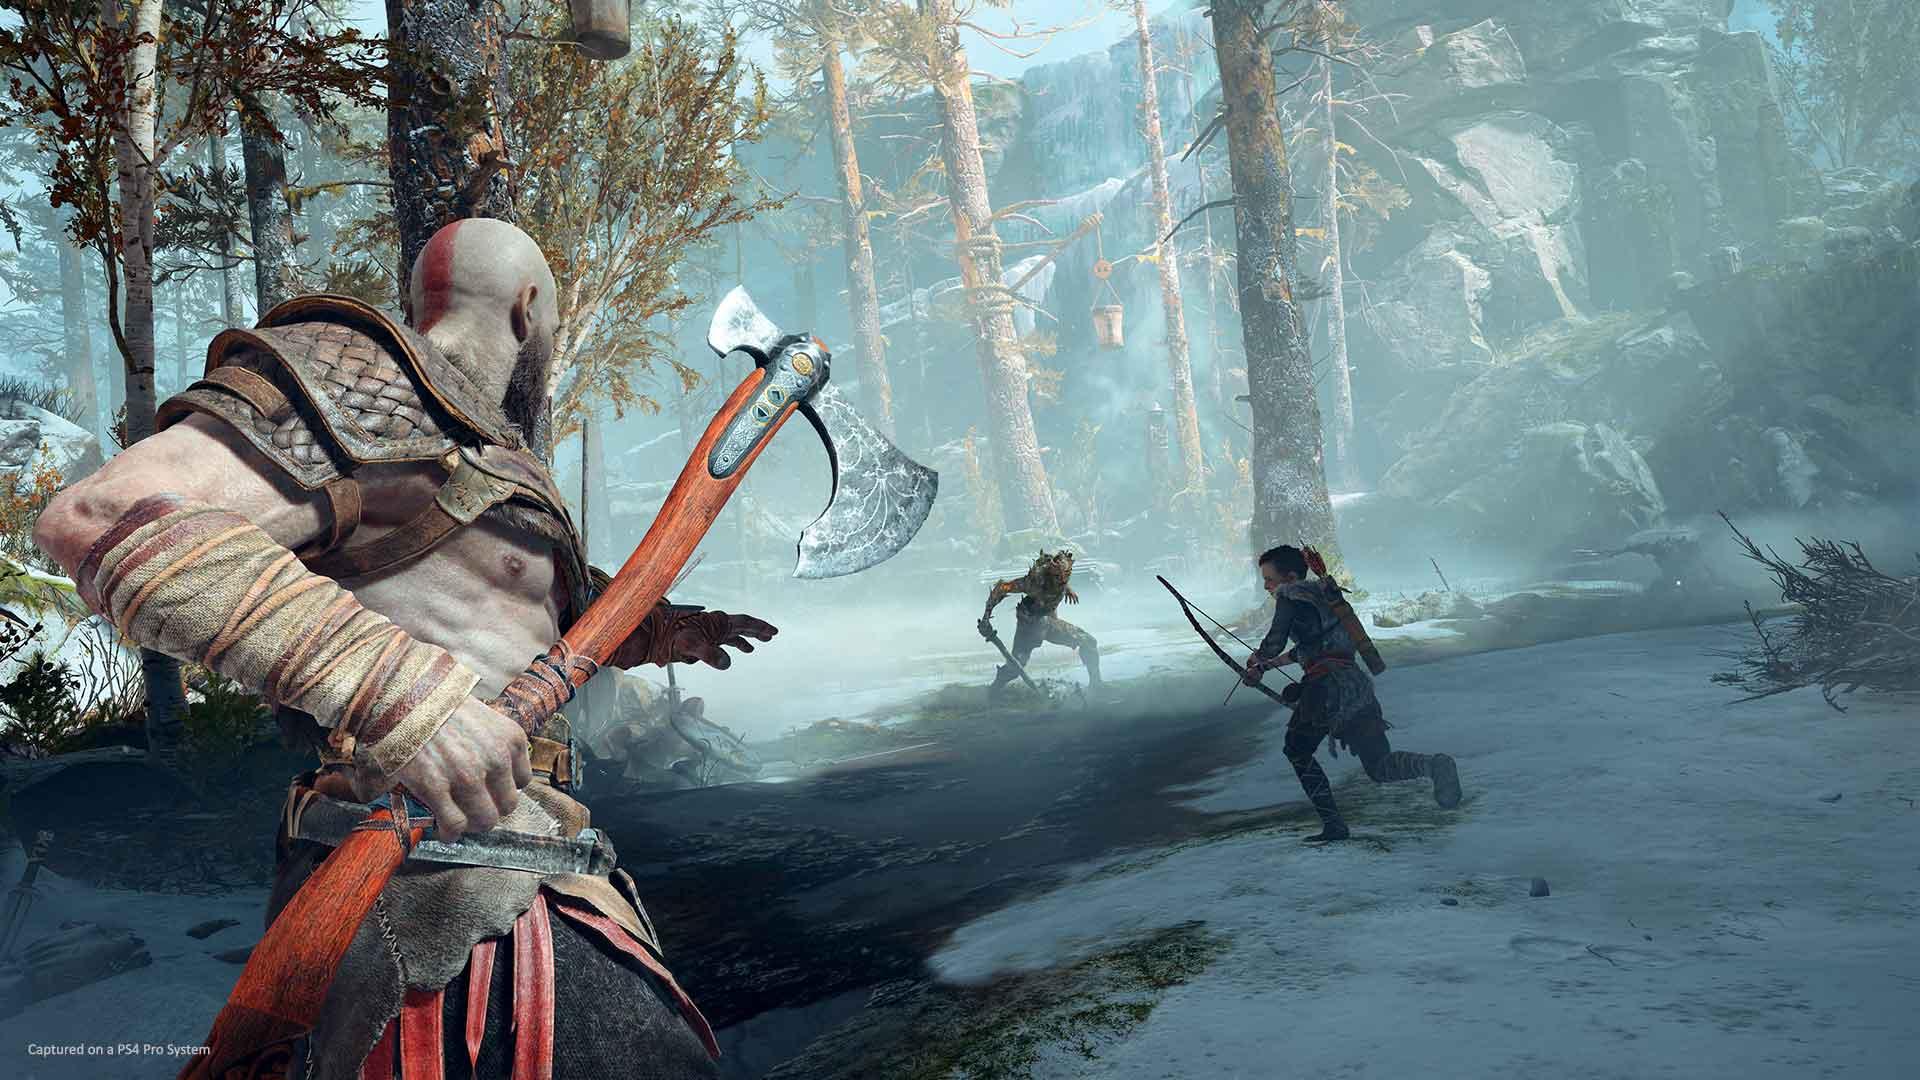 God of War Kratos Atreus combat